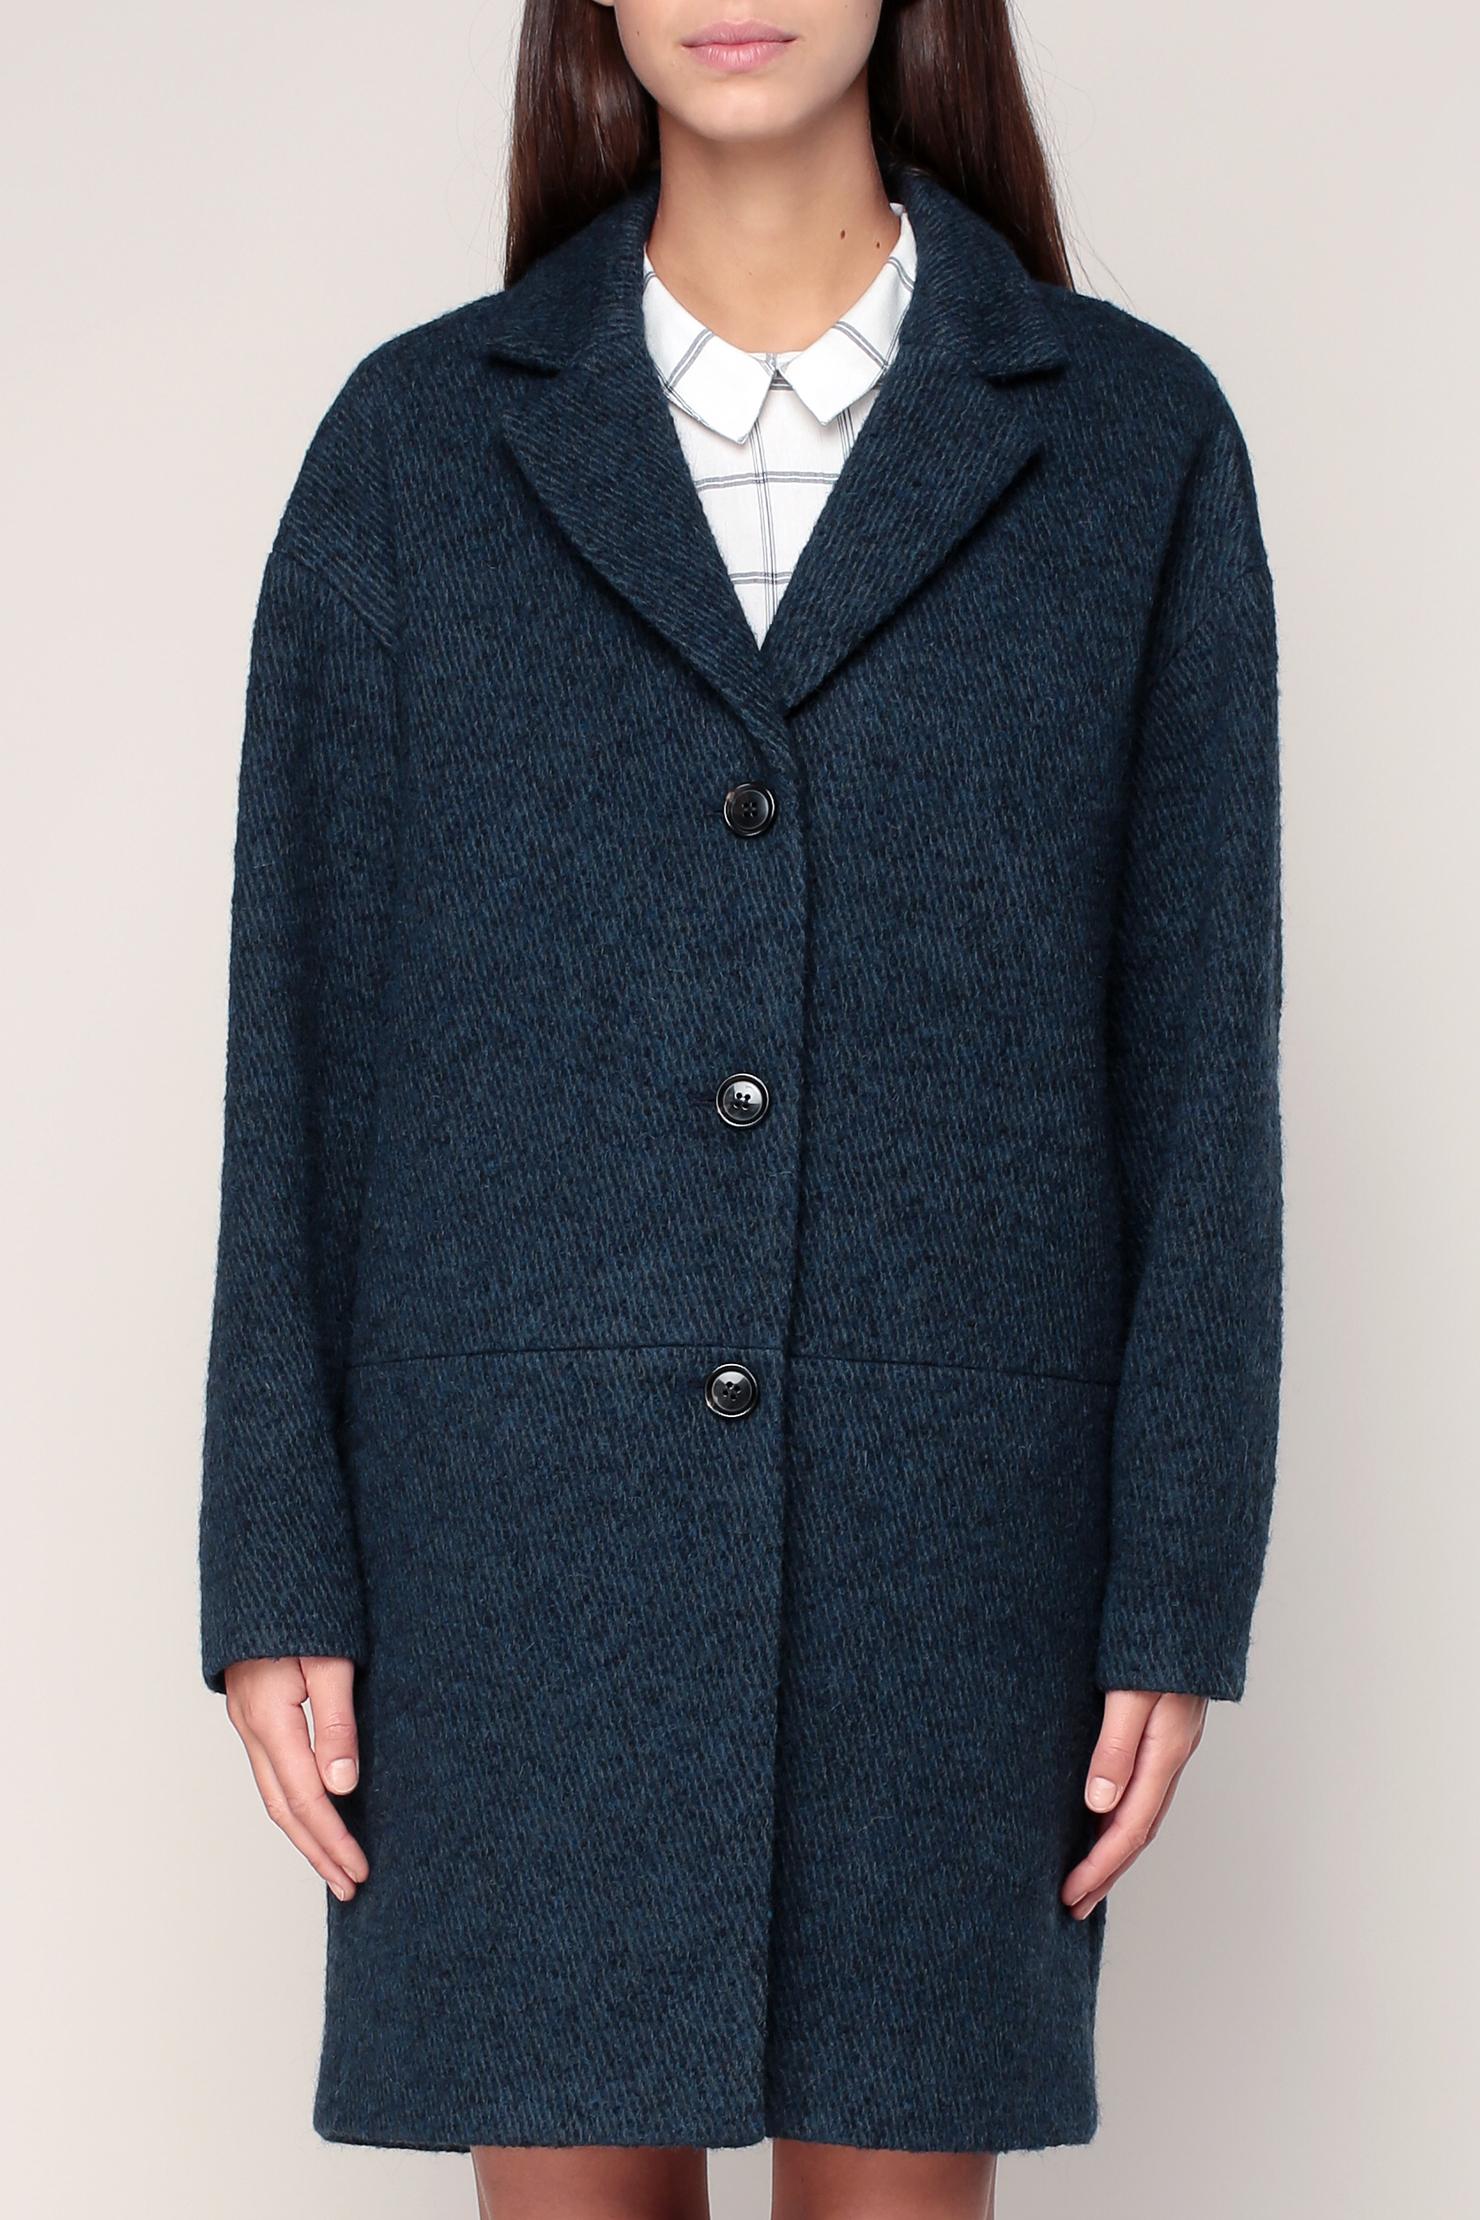 A shopper sur   monshowroom.com. Manteau en laine vierge bleu mélangé  Melissa – Pablo de Gérard Darel eb672fe78b2a